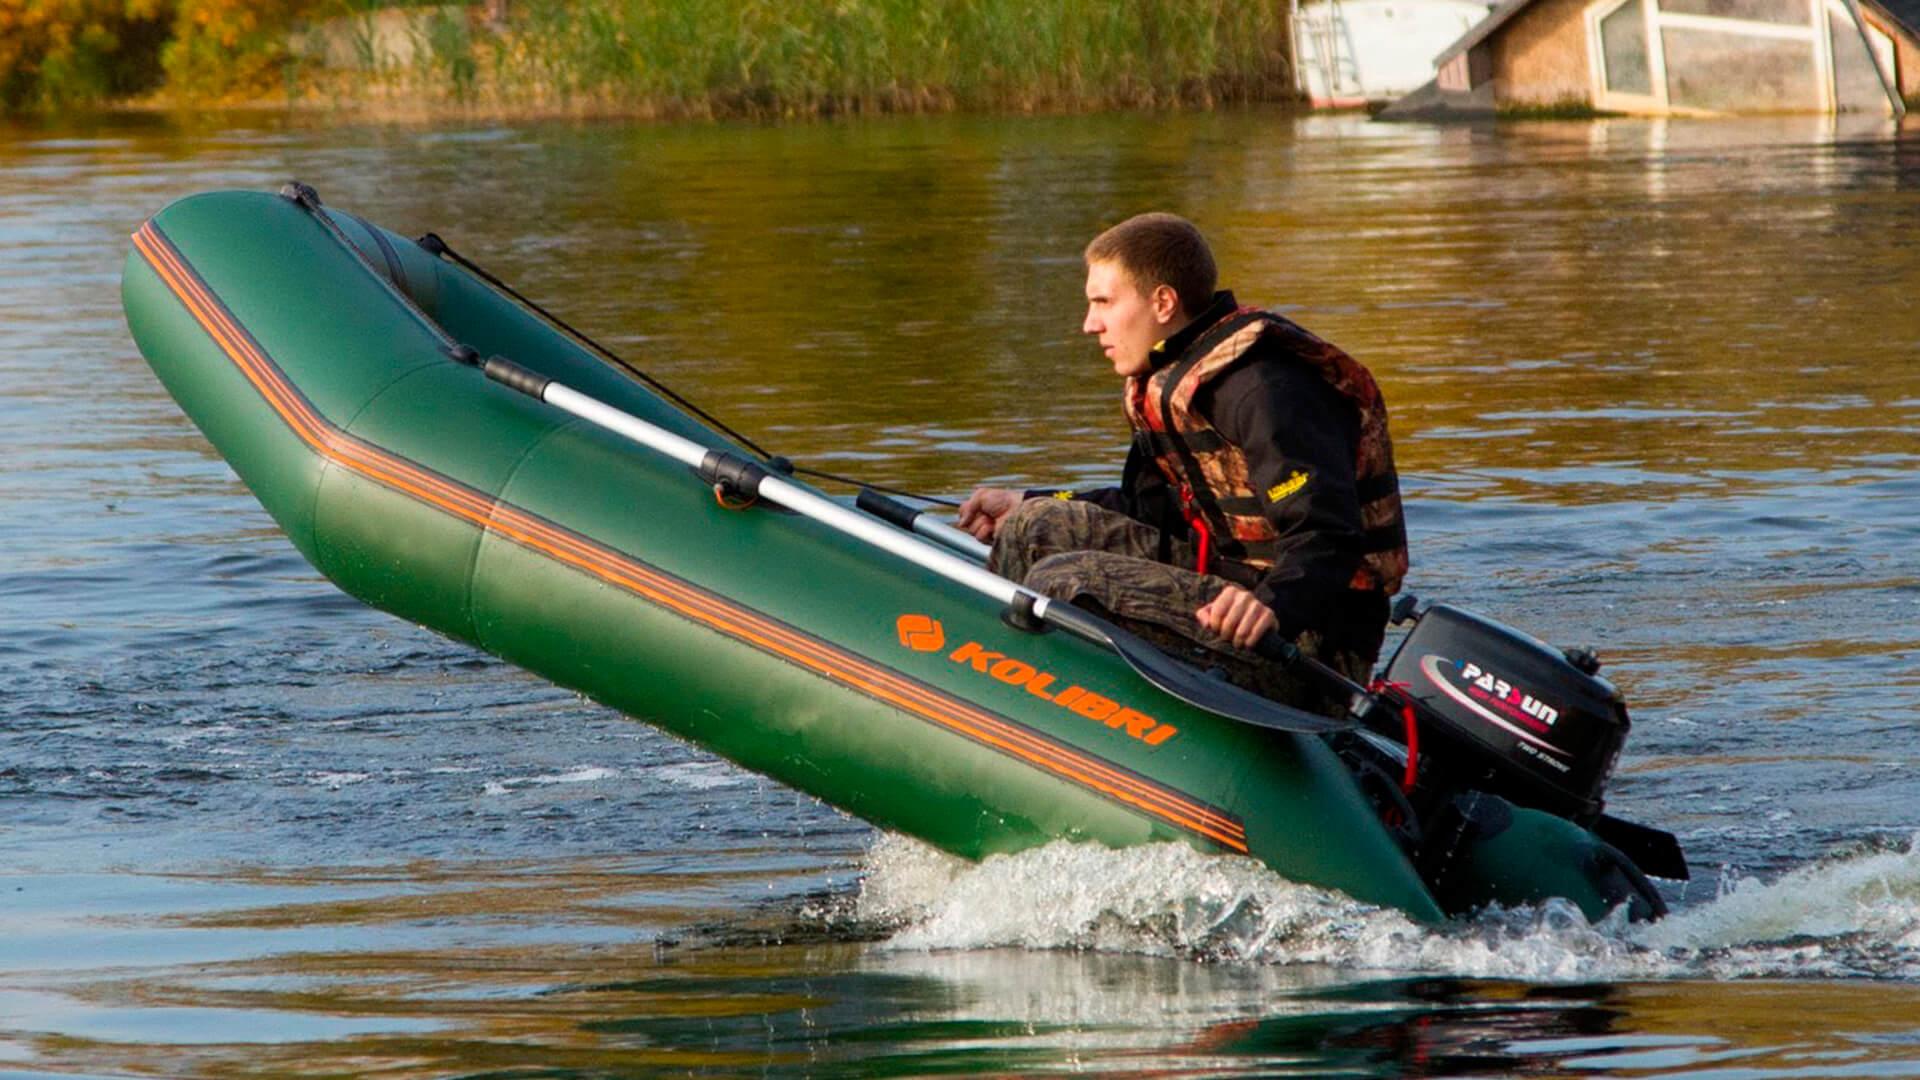 Надувная лодка Колибри КМ-300D, Надувная лодка Колибри КМ-300D, Надувная лодка Kolibri KM-300D, Надувная лодка Kolibri KM-300D, KOLIBRI KM-300D, Колибри KM-300D, KOLIBRI KM 300D, KM-300D, KOLIBRI KM300D, KM300D, Надувная лодка KOLIBRI, Надувная лодка Колибри, Колибри Профи, Разборная лодка, Складная лодка, надувная лодка с транцем, надувная лодка для рыбалки, надувная лодка пвх, лодка пвх